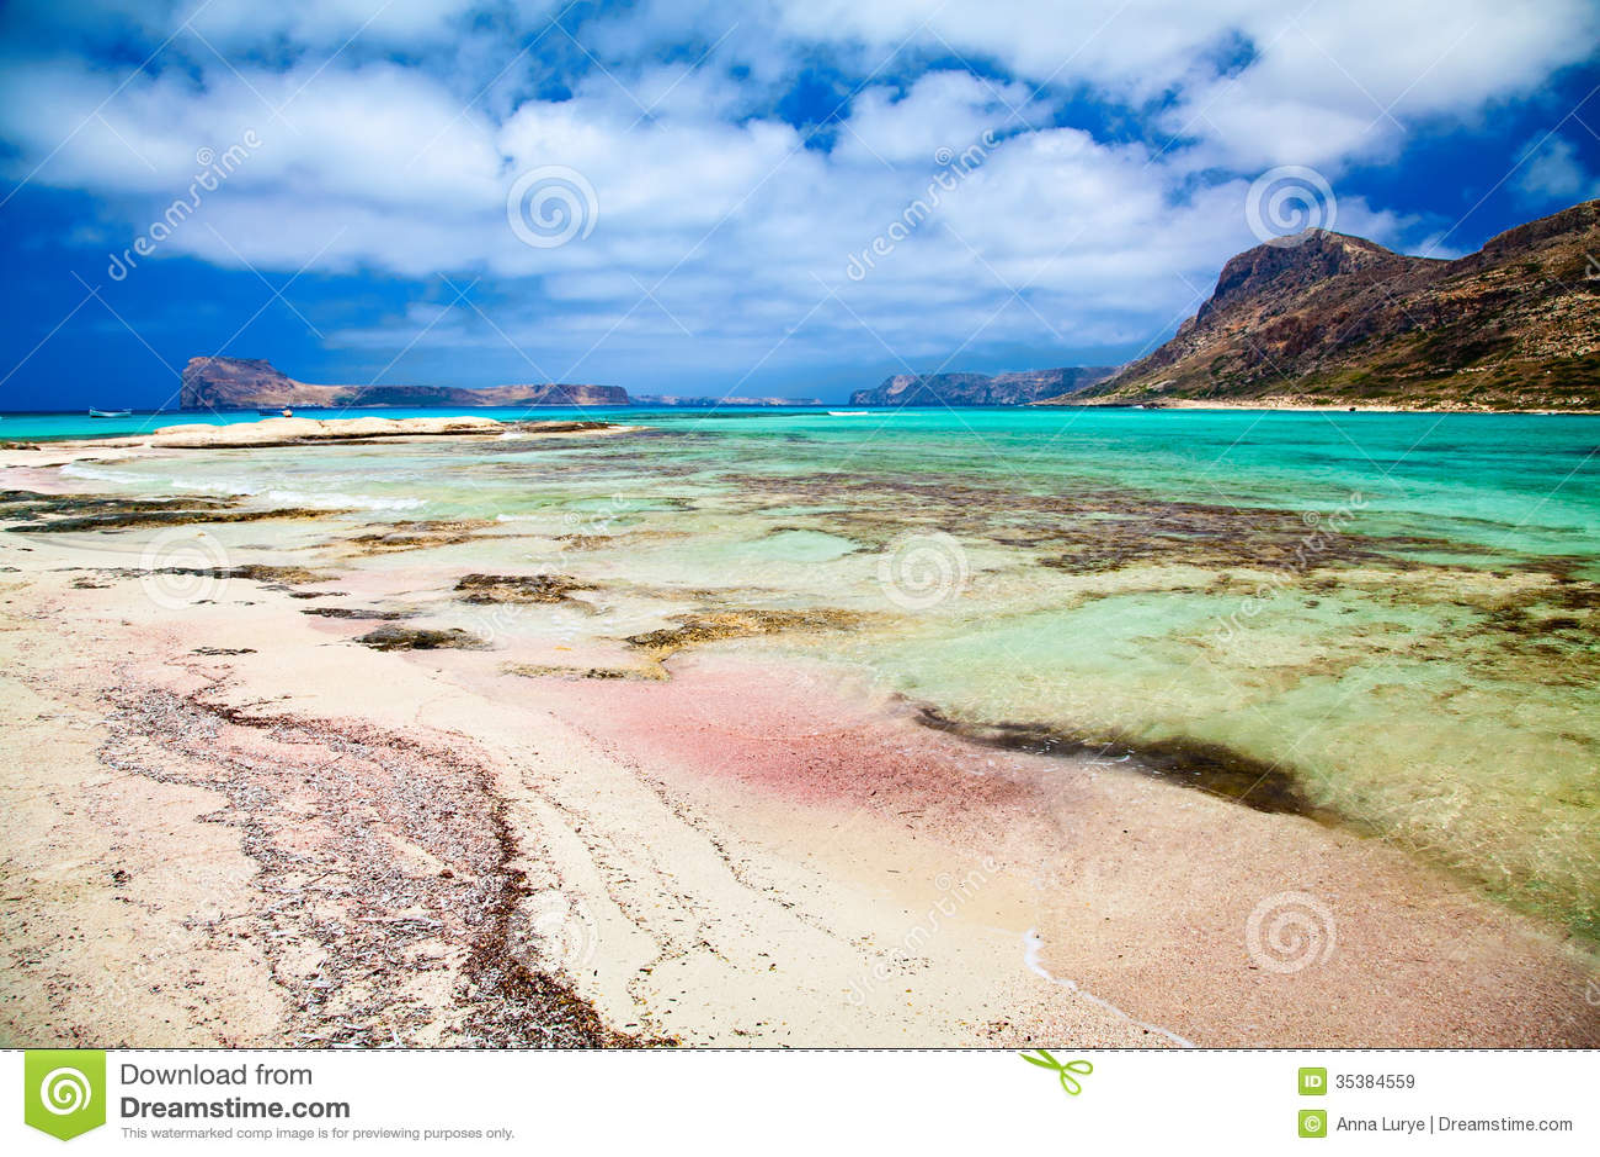 Beach Crete Pink Sand